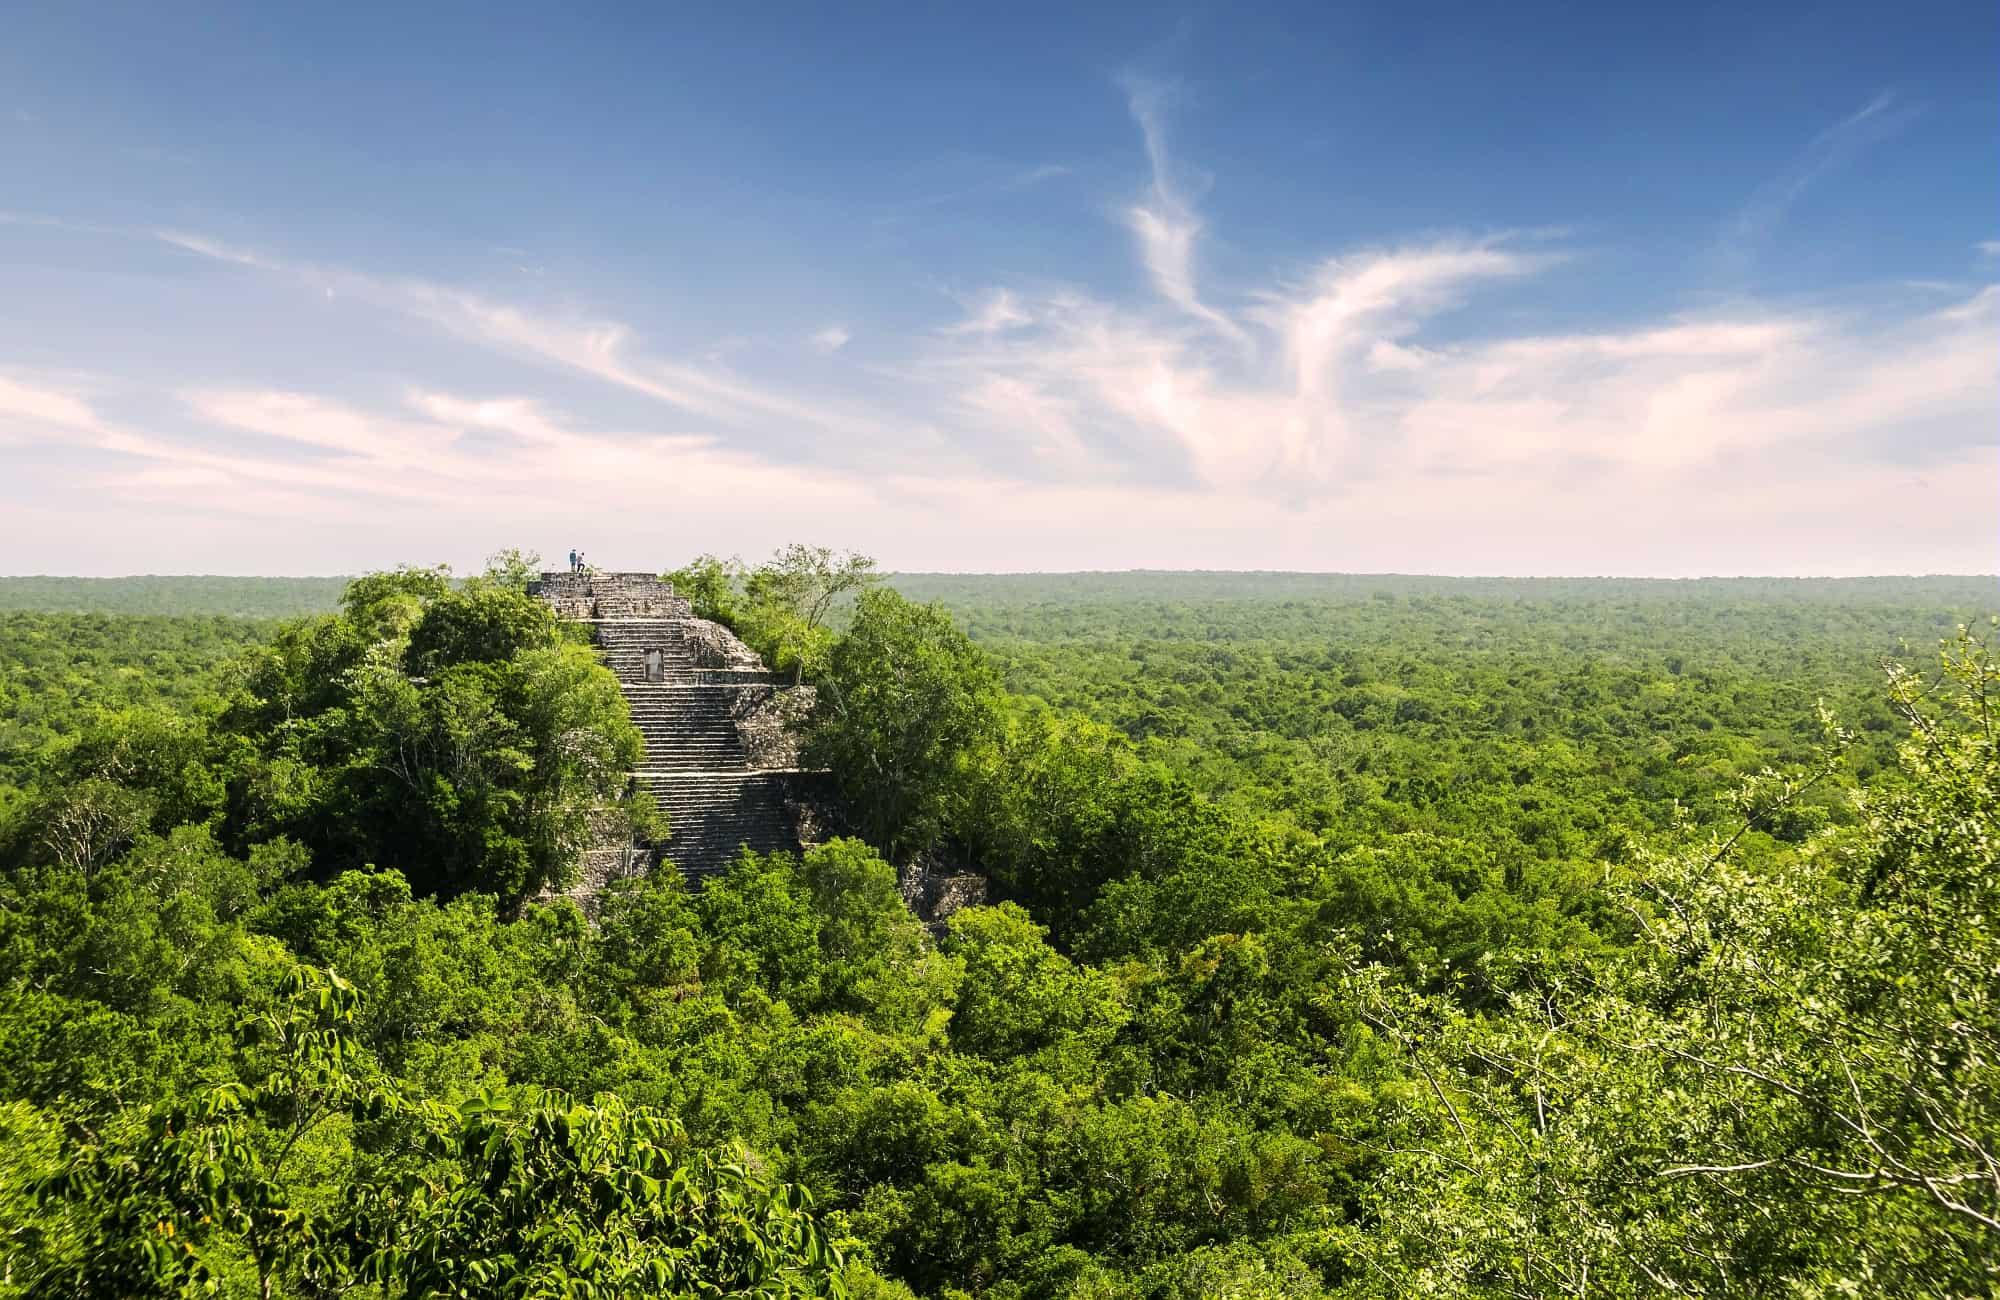 Voyage au bout de la jungle, découverte des ruines Calakmul